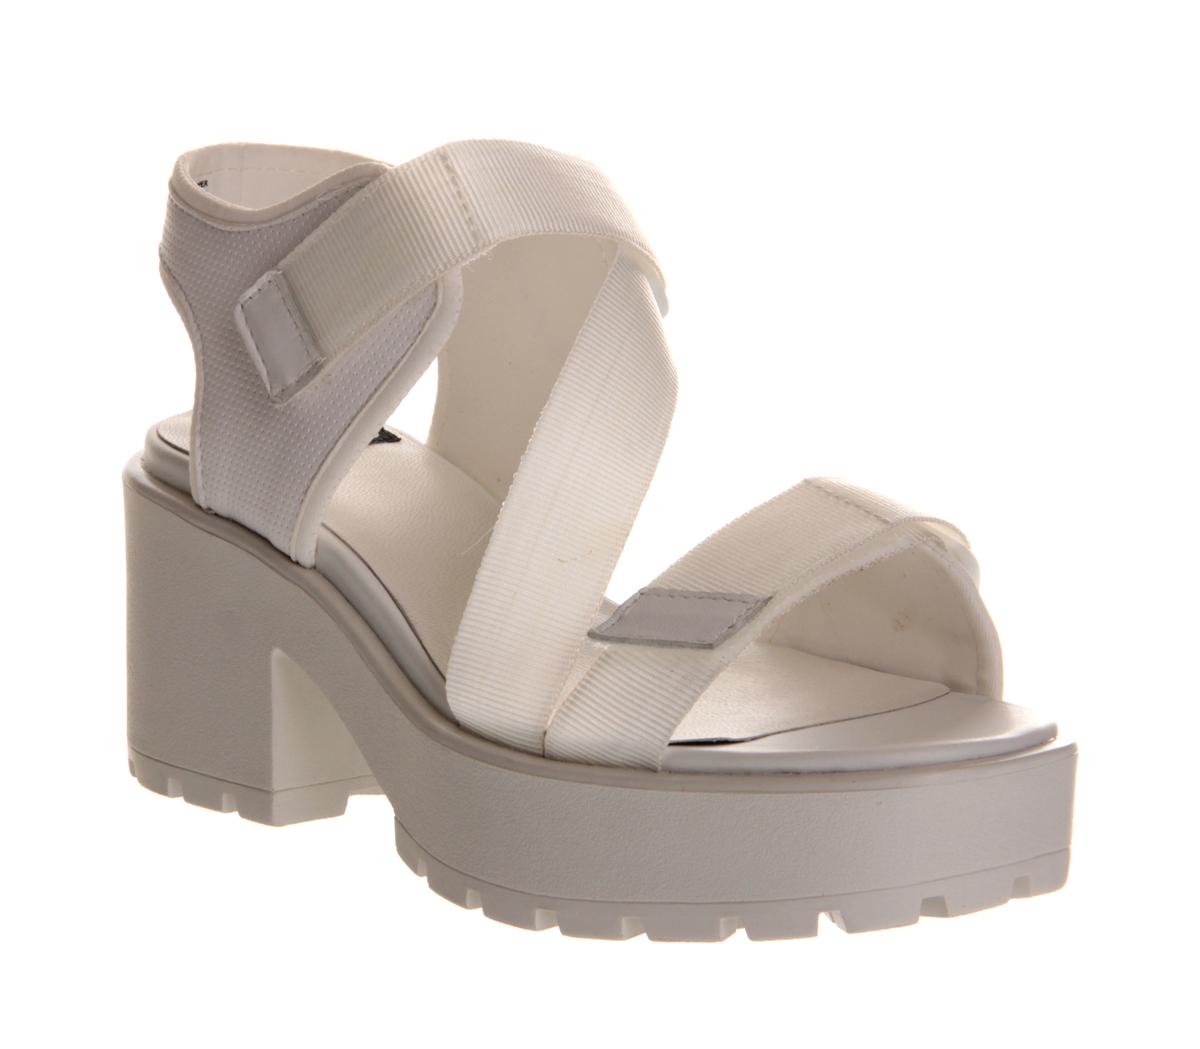 Black vagabond sandals - Vagabond Dioon Sandal White Mid Heels